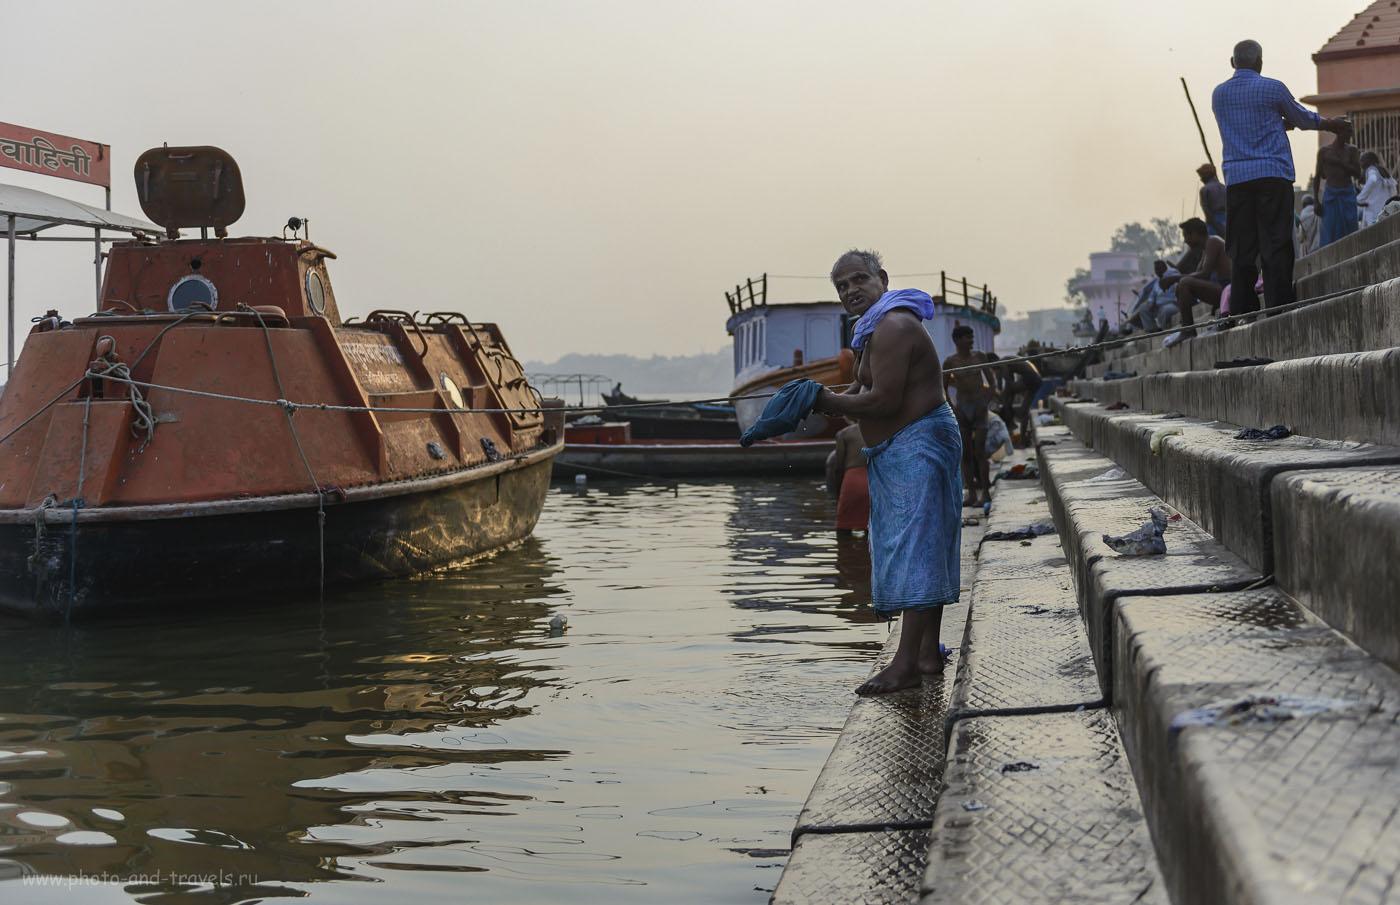 Фотография 20. Ванные процедуры в водах реки Ганг. Поездка в Варанаси самостоятельно. Рассказы об отдыхе в Индии. 1/3200, 2.8, 200, 42.